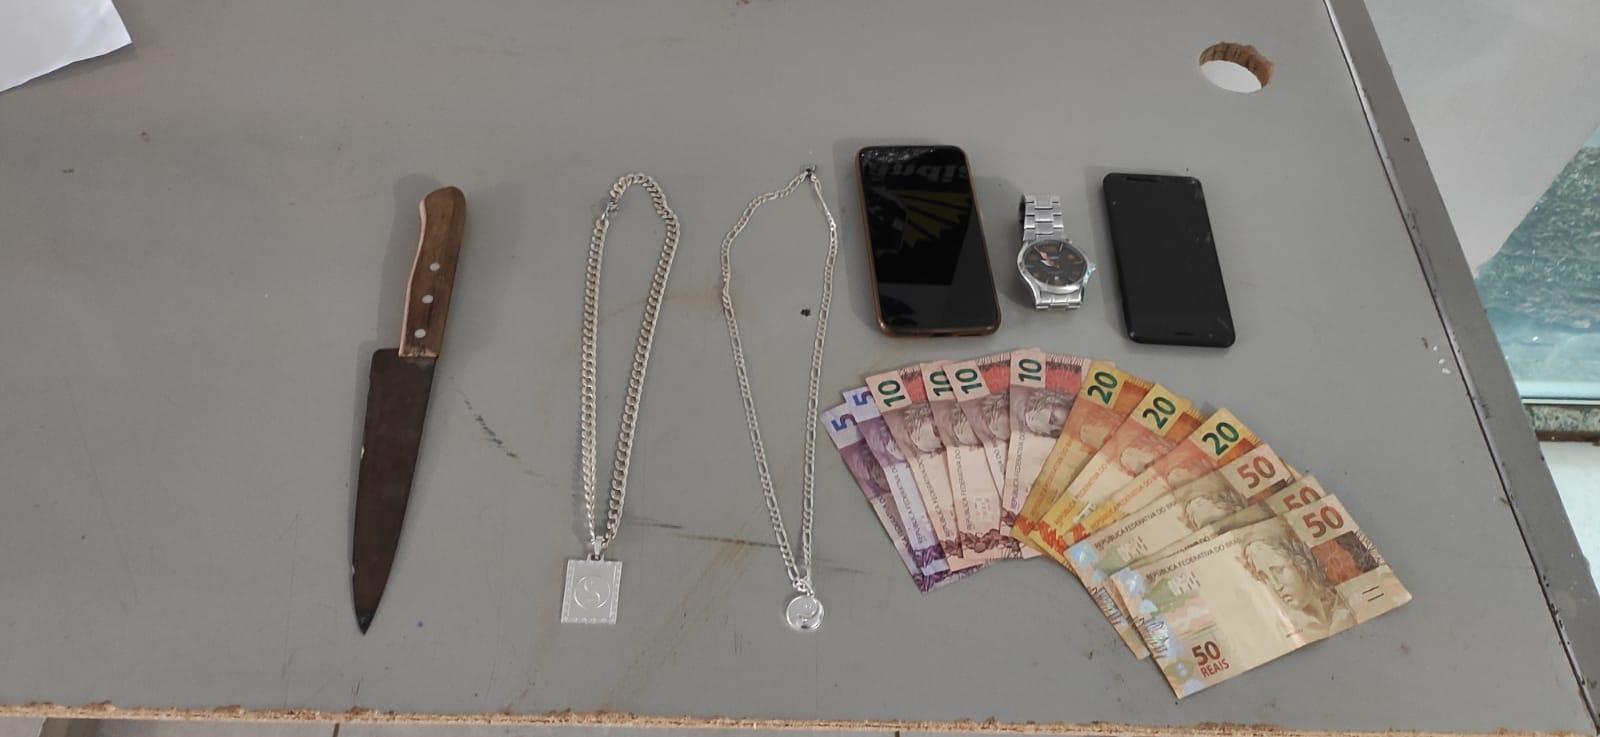 Polícia Militar prende autor de roubo e outro por receptação em Cassilândia